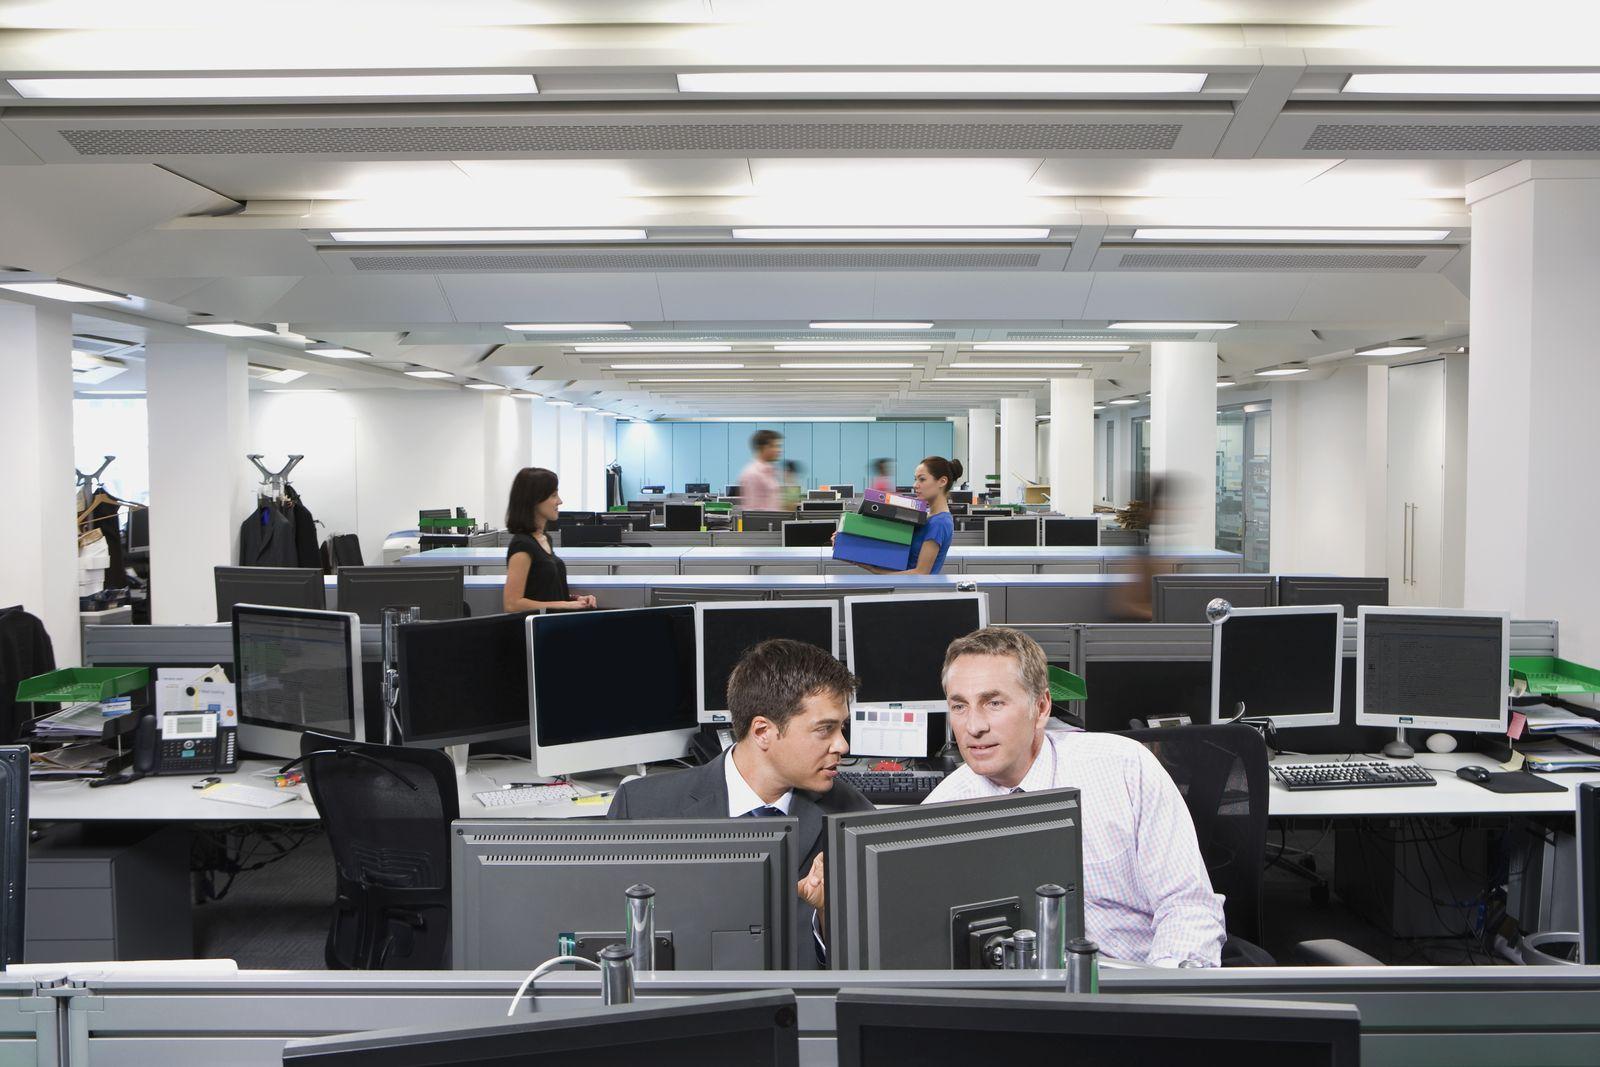 NICHT MEHR VERWENDEN! - Großraumbüro / Kollegen / Büroarbeit / Büroalltag